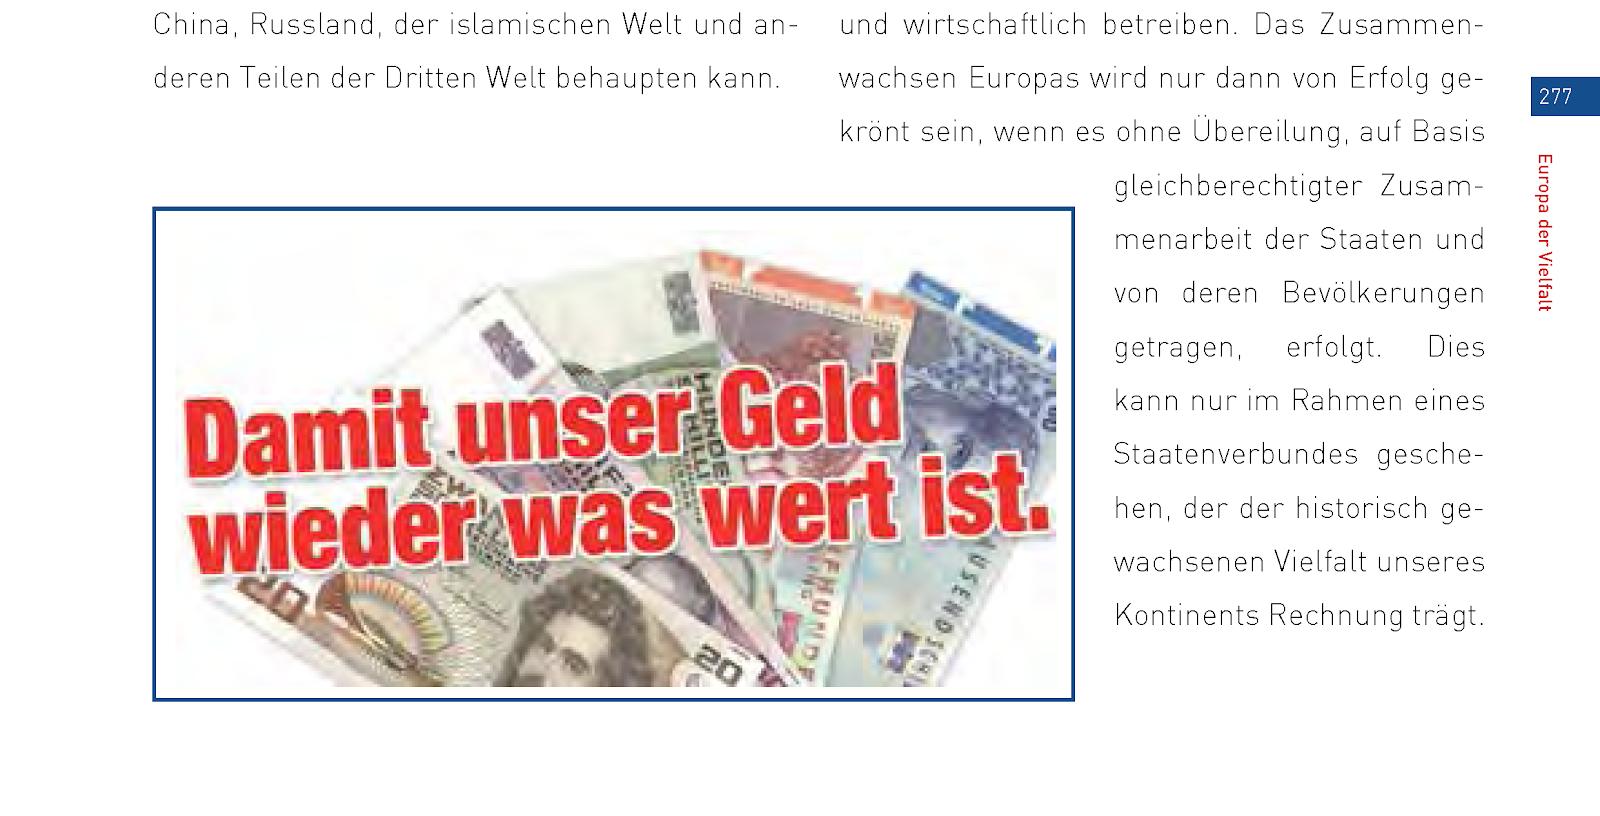 Handbuch_freiheitlicher_Politik_WEB_Seite_277.png